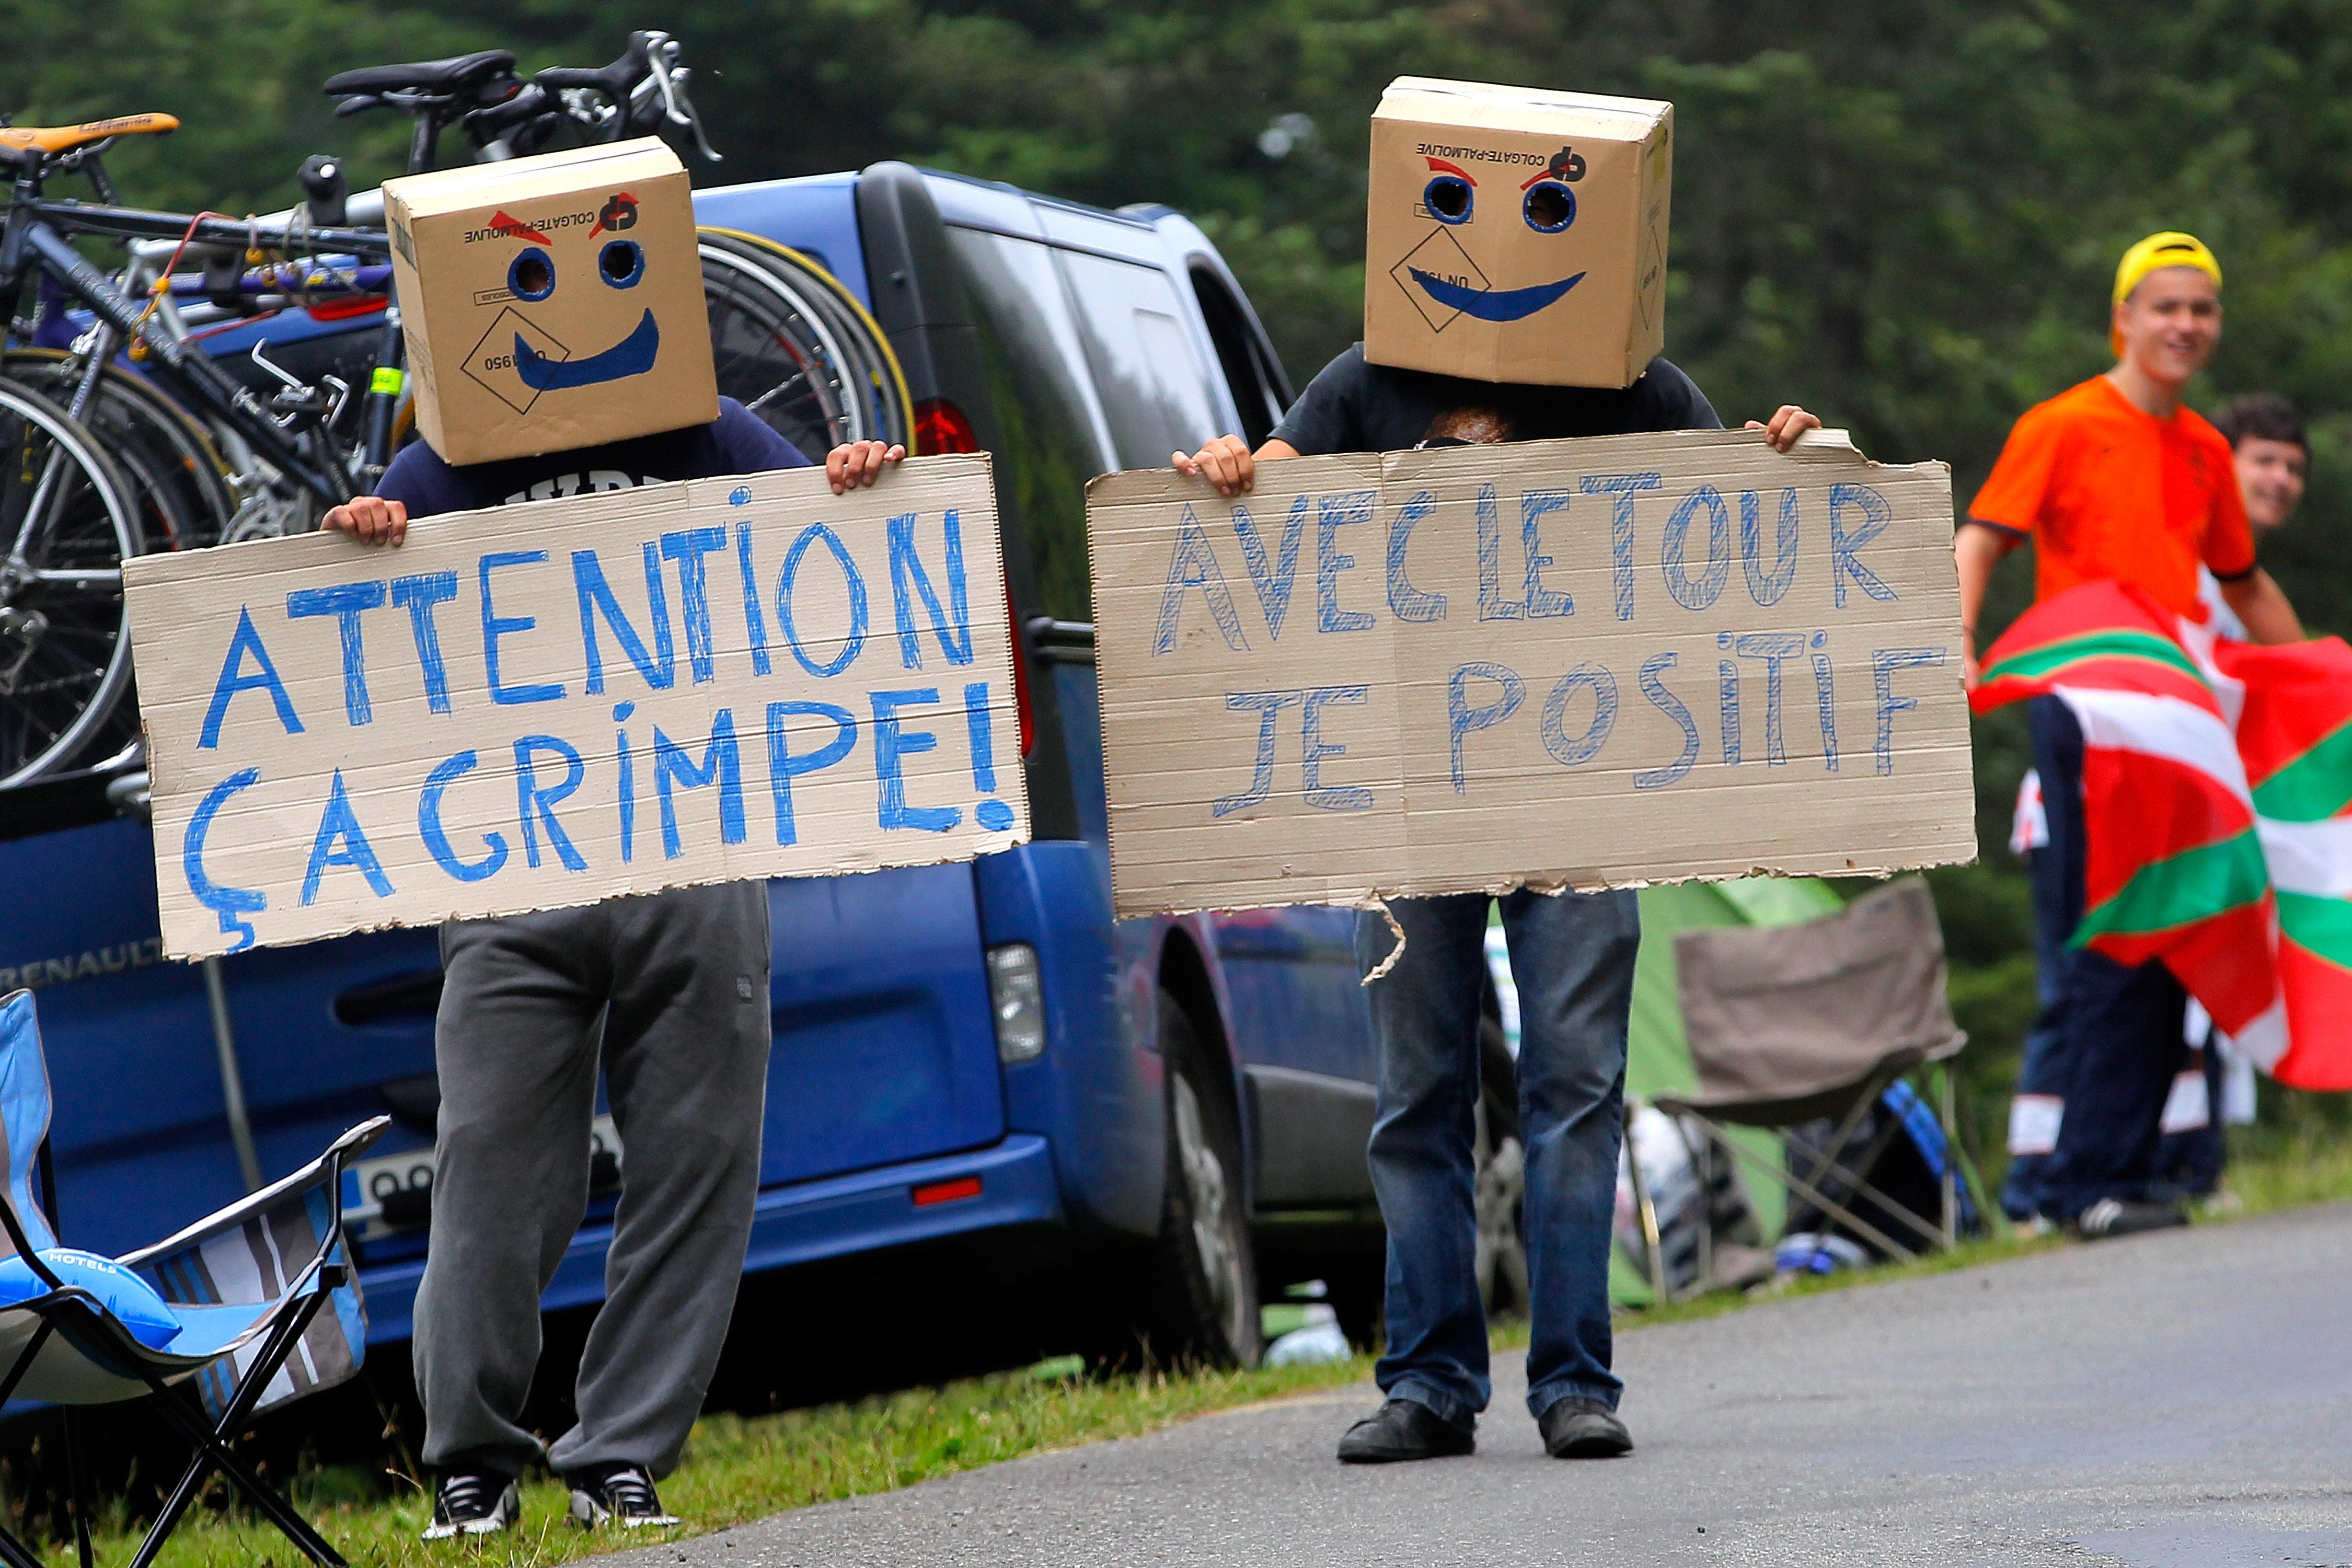 Le Tour de France 2012 - Stage Seventeen